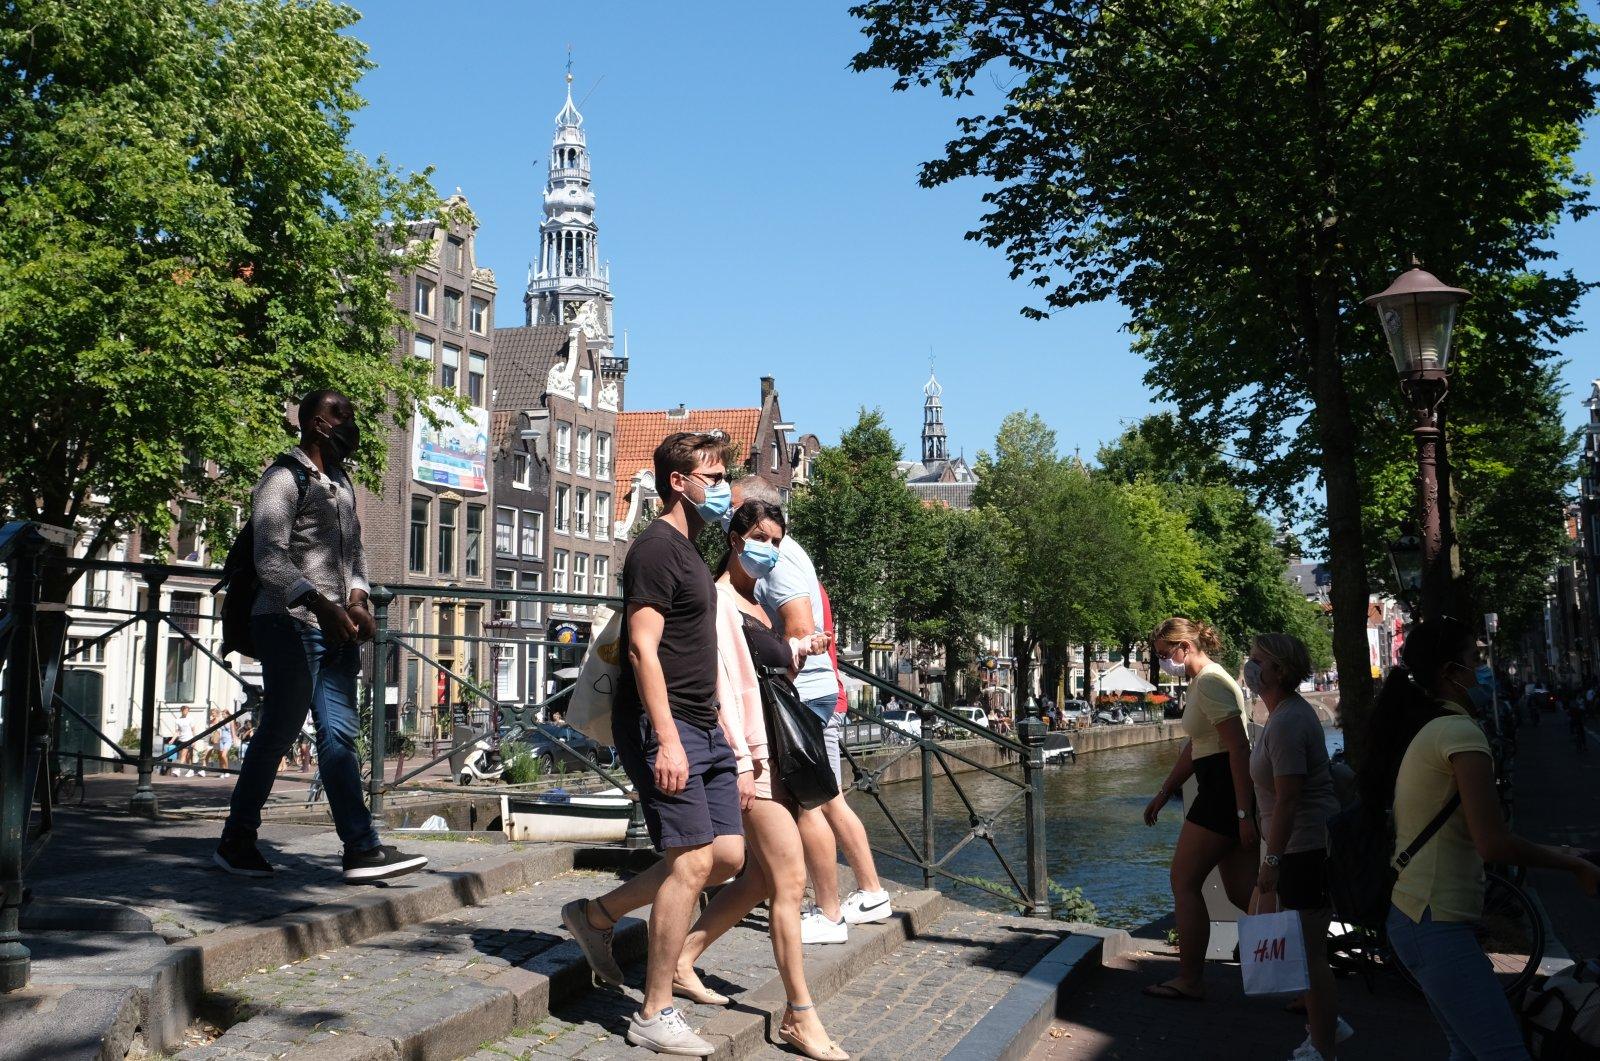 People wearing facemasks walk through Amsterdam, Netherlands, Aug. 5, 2020. (AP Photo)